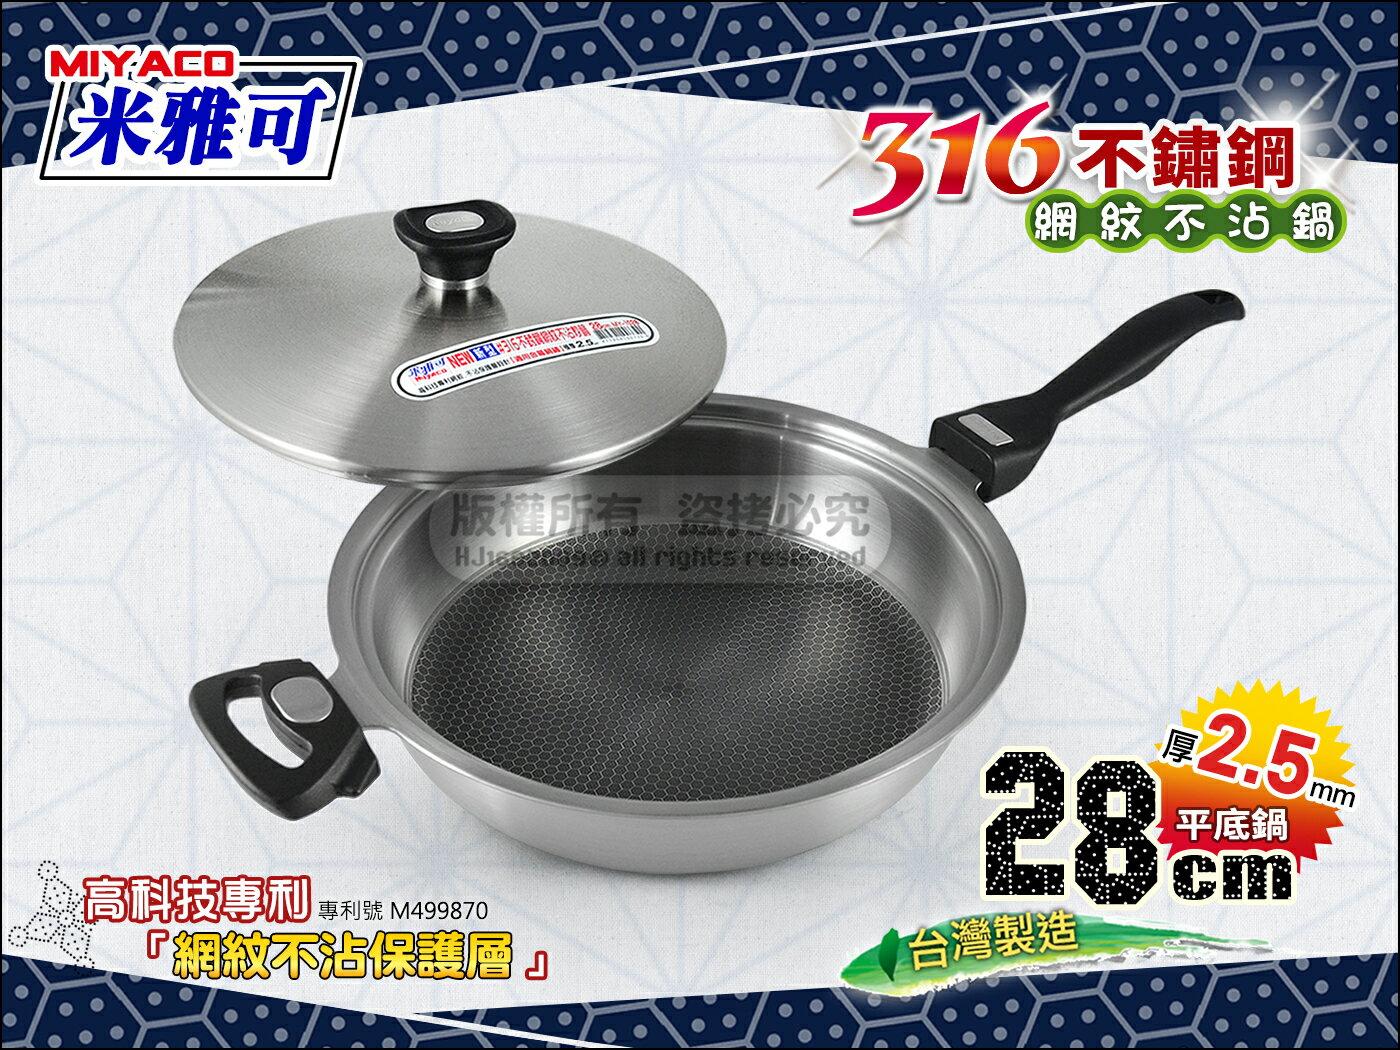 快樂屋♪ 【套餐】米雅可 316不鏽鋼網紋不沾鍋 7320 平底鍋 28cm單柄《好禮二選一!!》